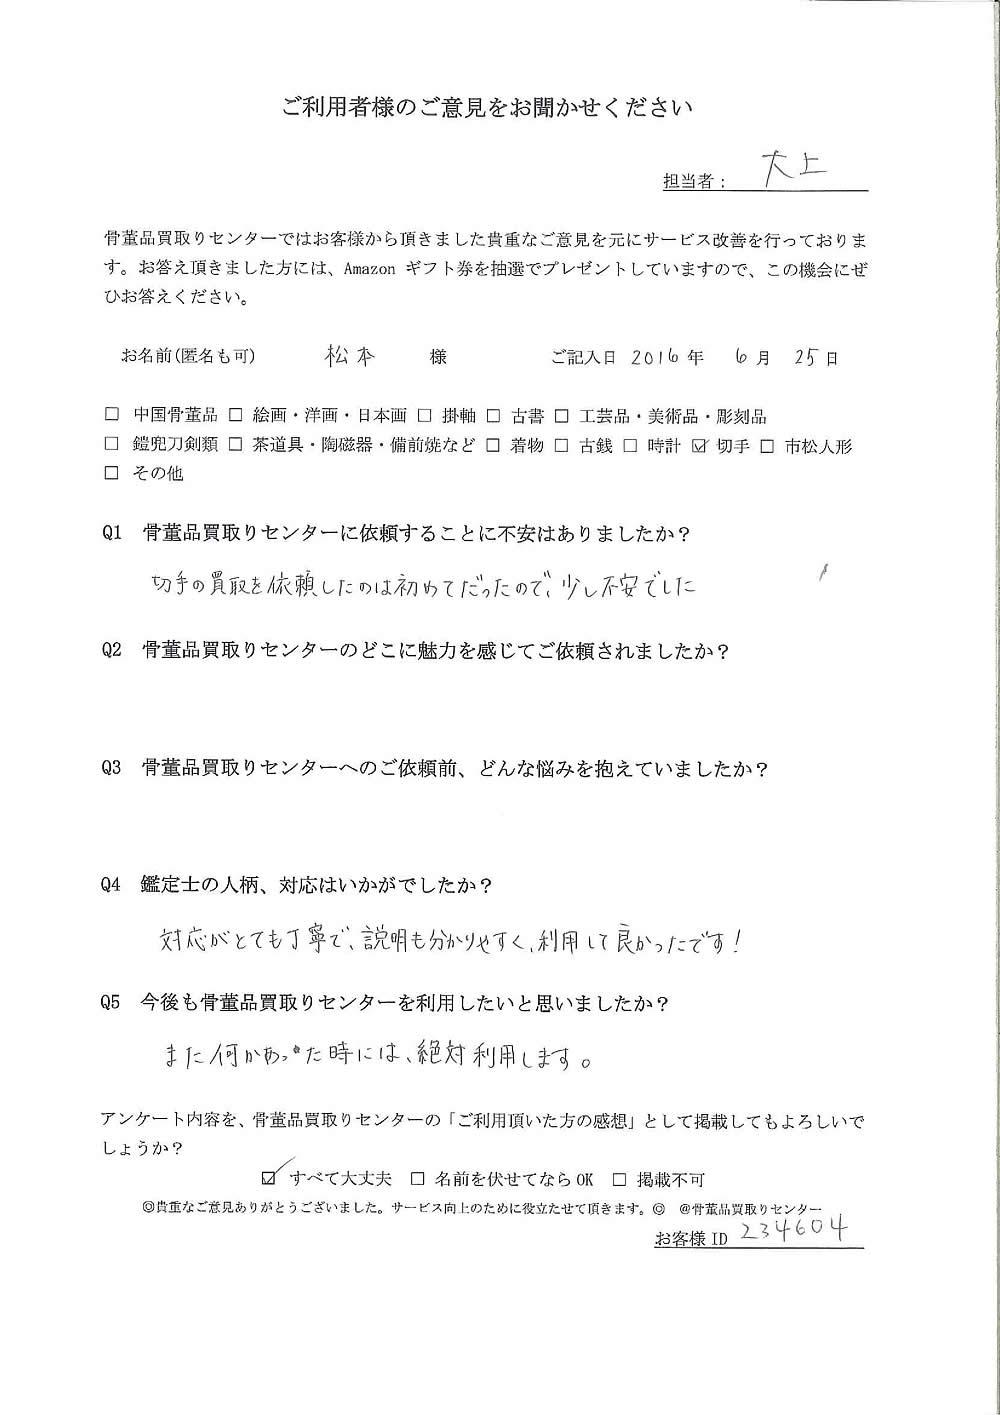 【東京】切手買取り ご利用者様の声